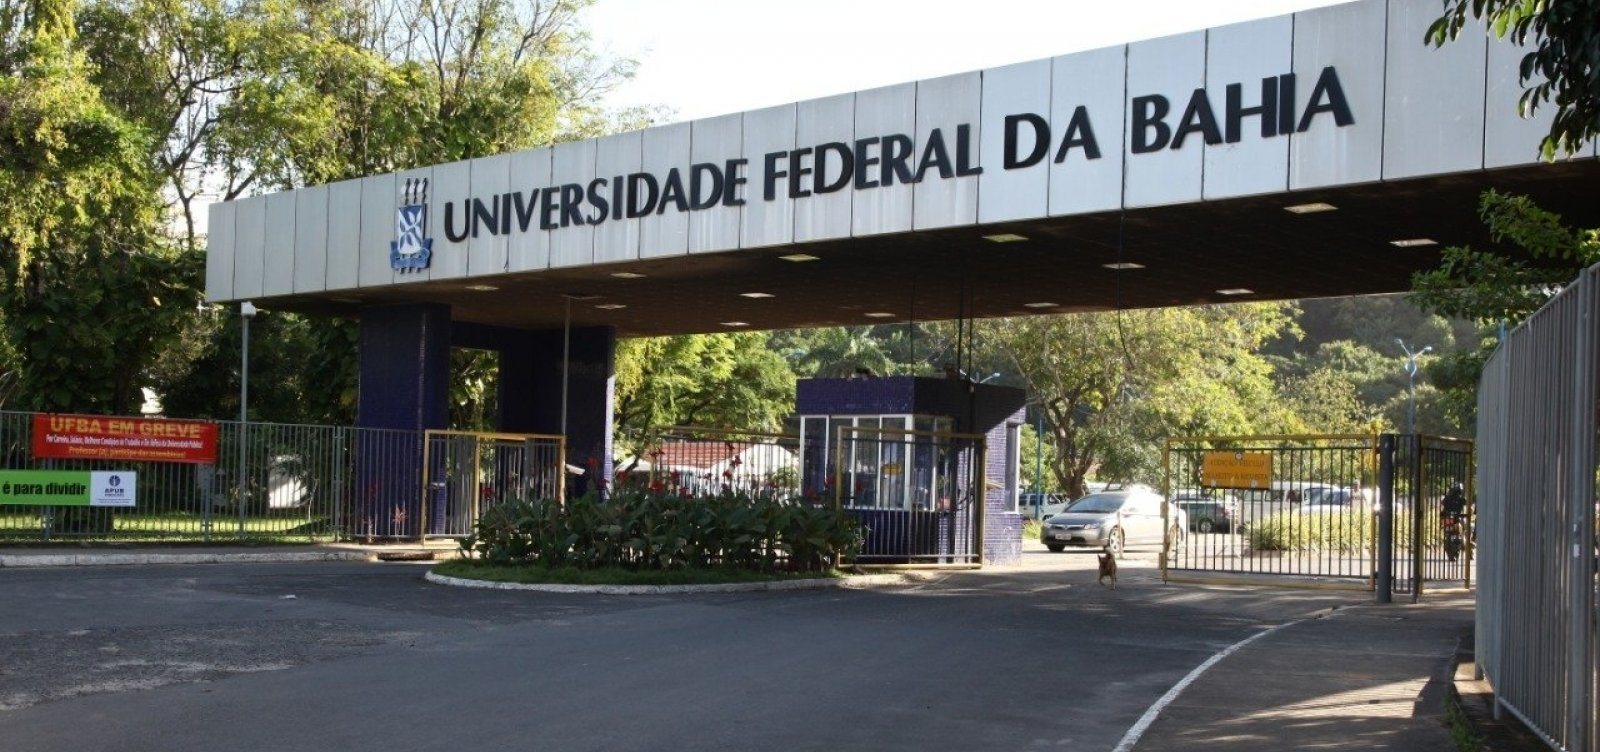 [Ufba se manifesta sobre resultados do Sisu: 'Serão divulgados tão logo liberados pela Justiça']